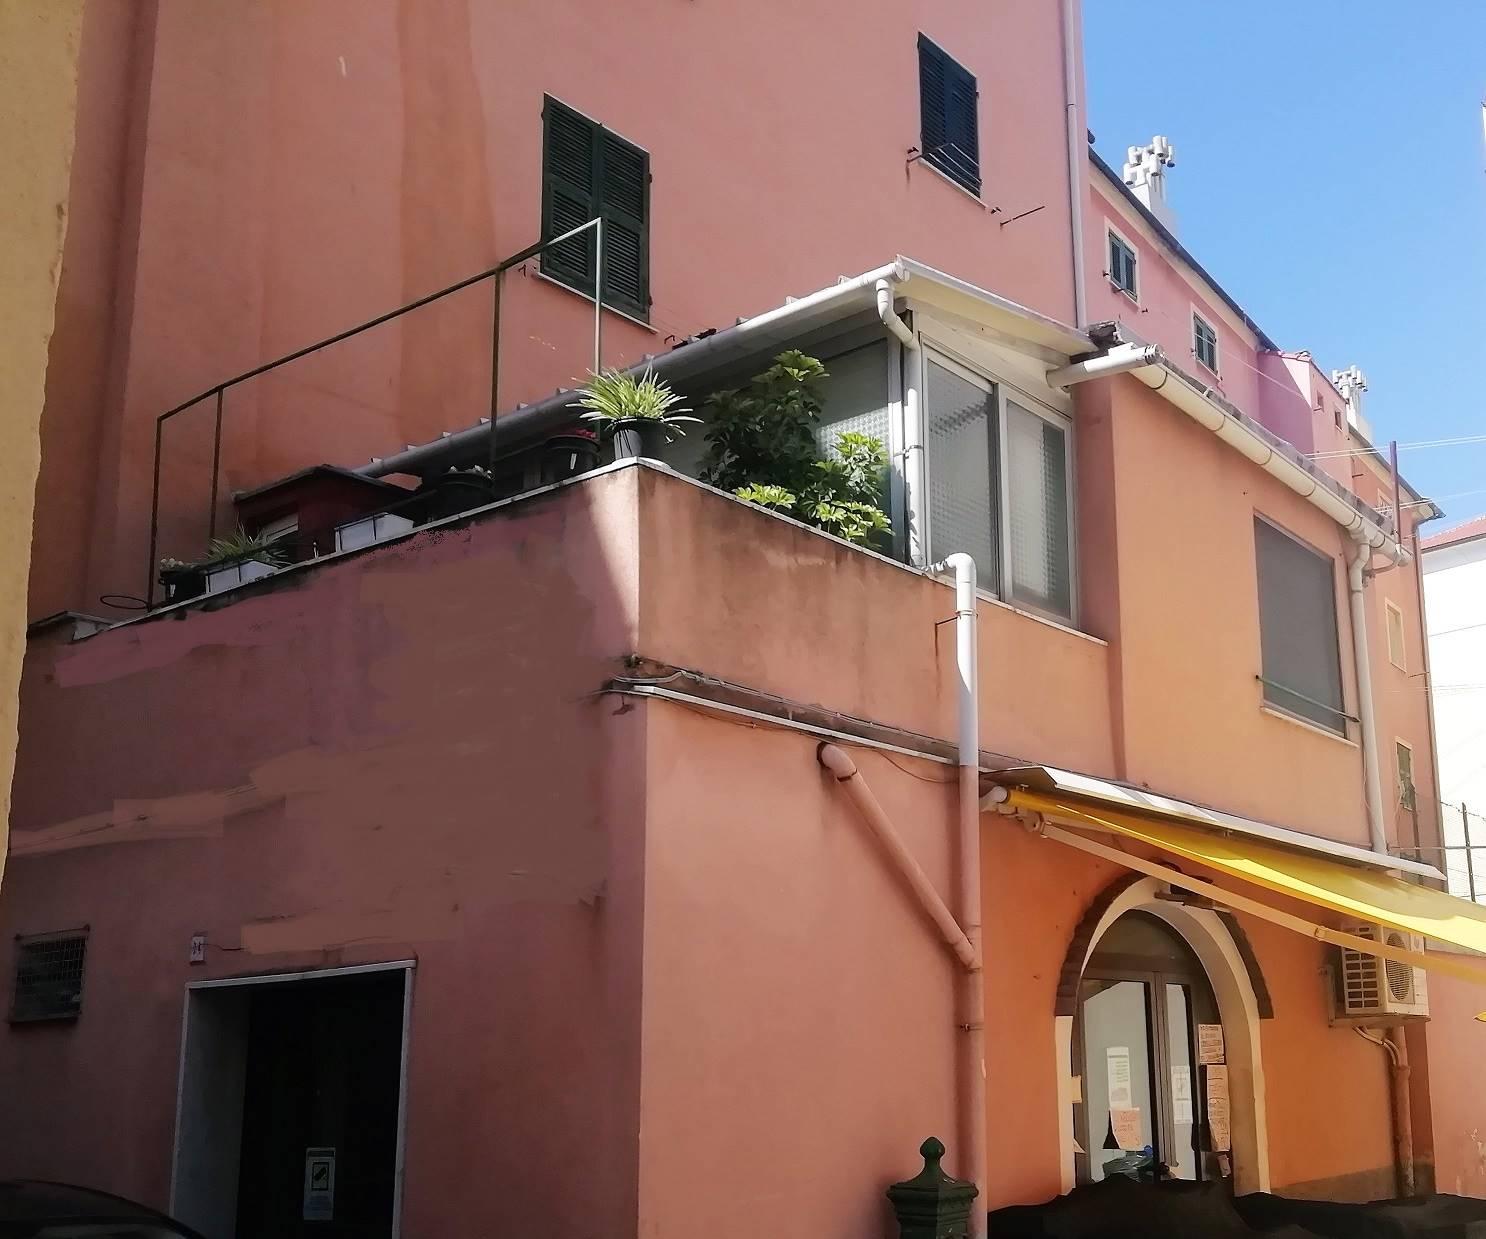 Appartamento in vendita a Savona, 3 locali, zona aci, prezzo € 120.000   PortaleAgenzieImmobiliari.it